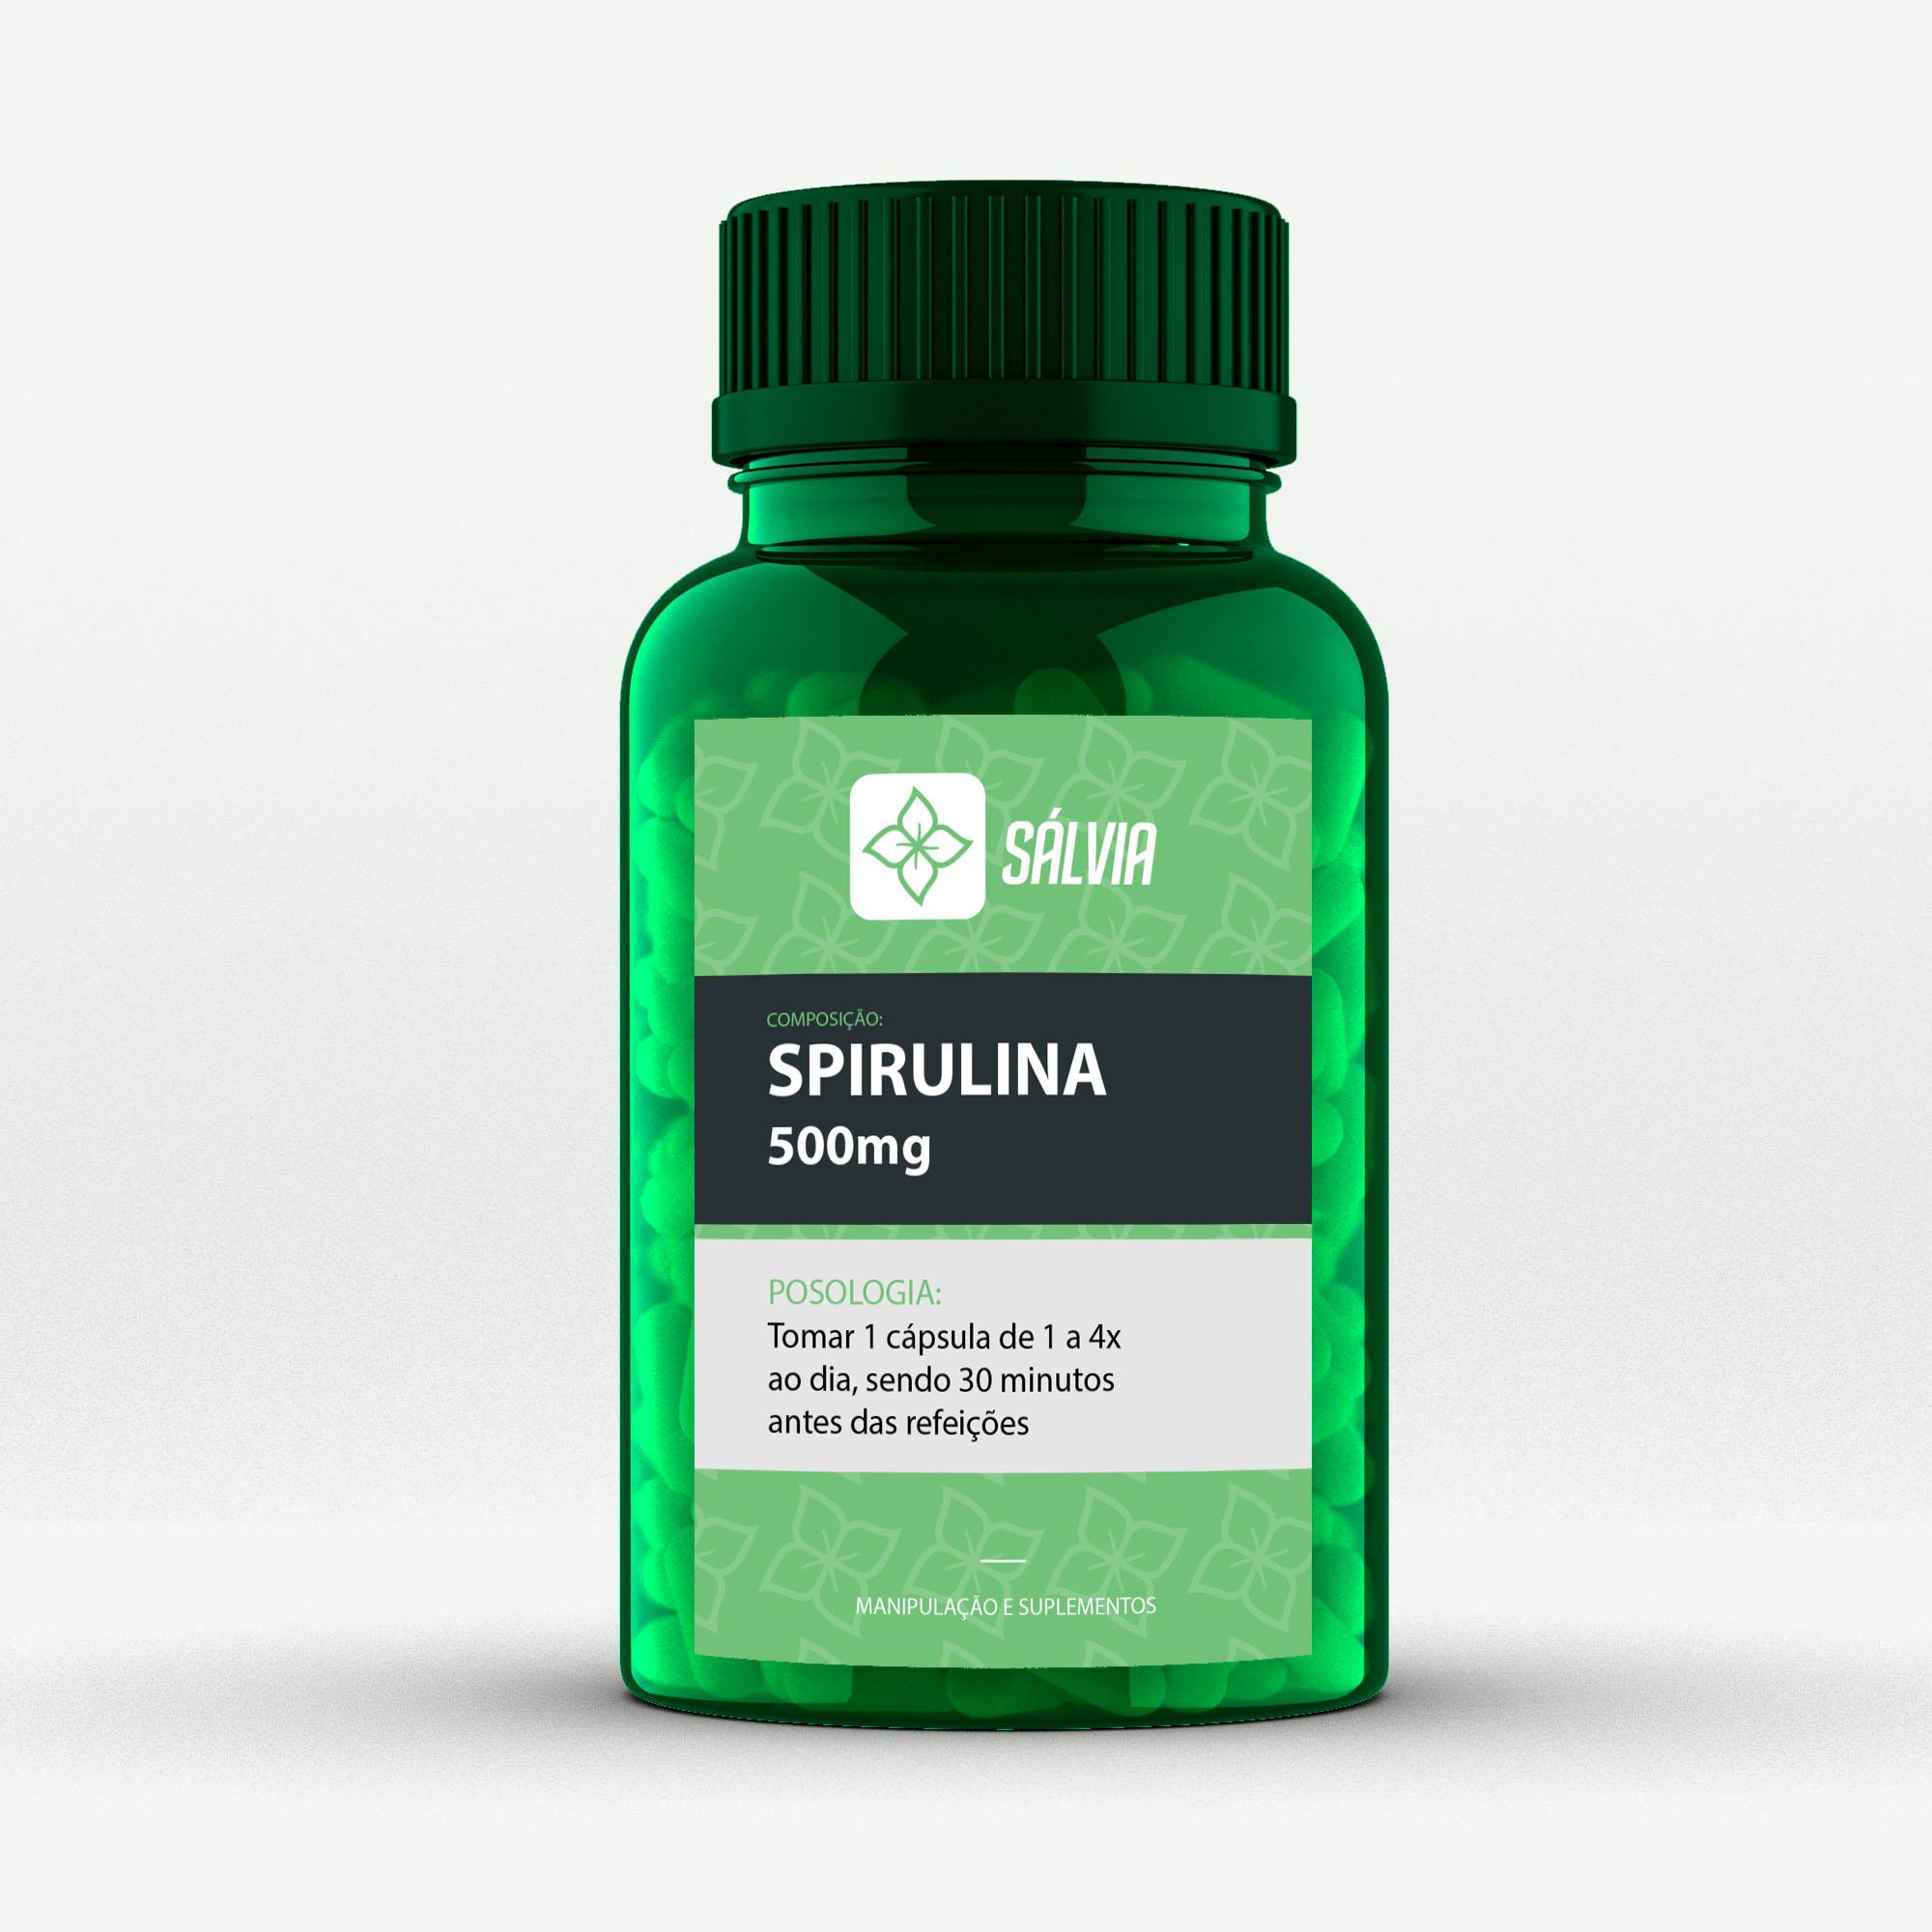 SPIRULINA 500mg - Cápsulas